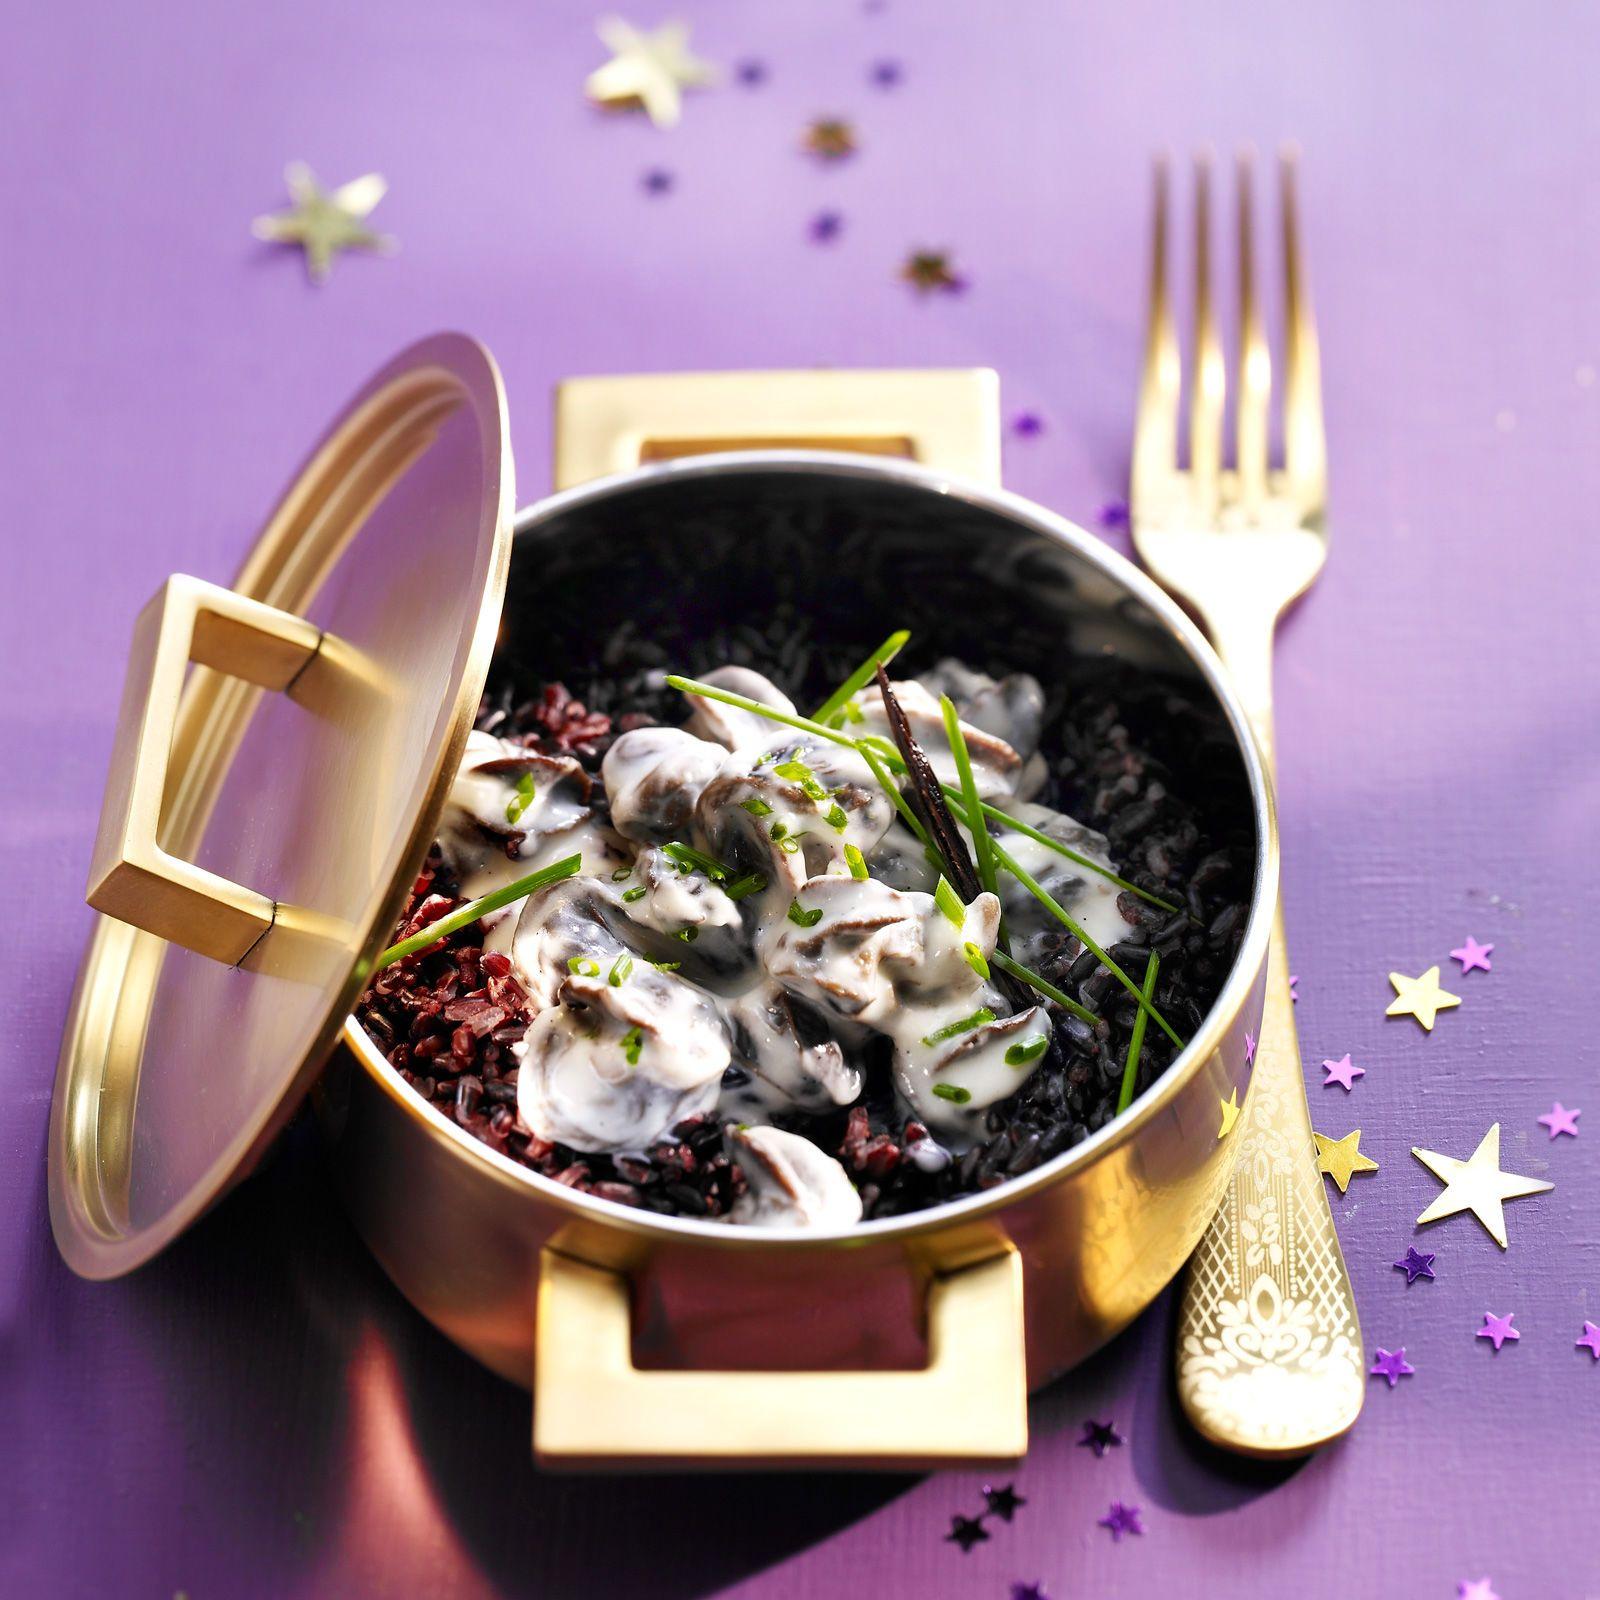 La table lorraine d amelie veau aux cepes et girolles en - Petite Blanquette D Escargots La Vanille Recette Blanquette Escargot Et La Vanille